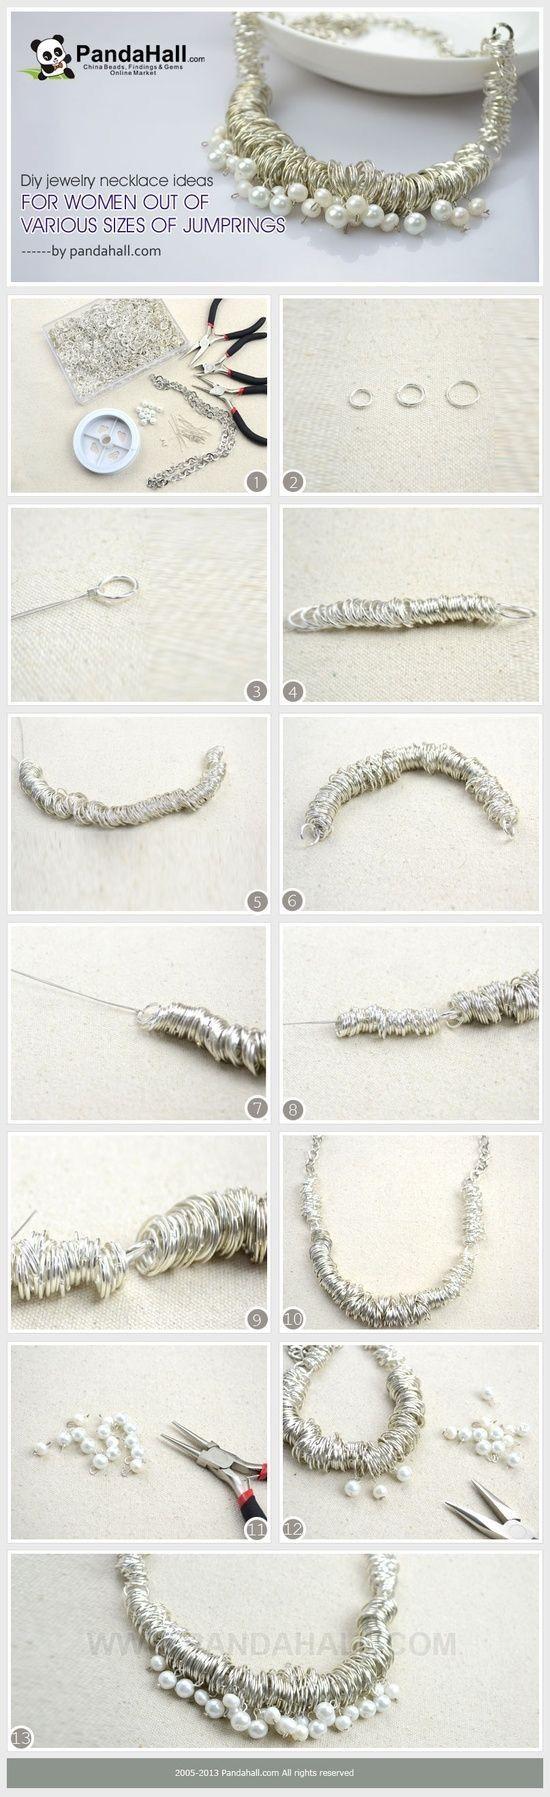 292 besten DIY Jewelry Bilder auf Pinterest | Diy schmuck ...